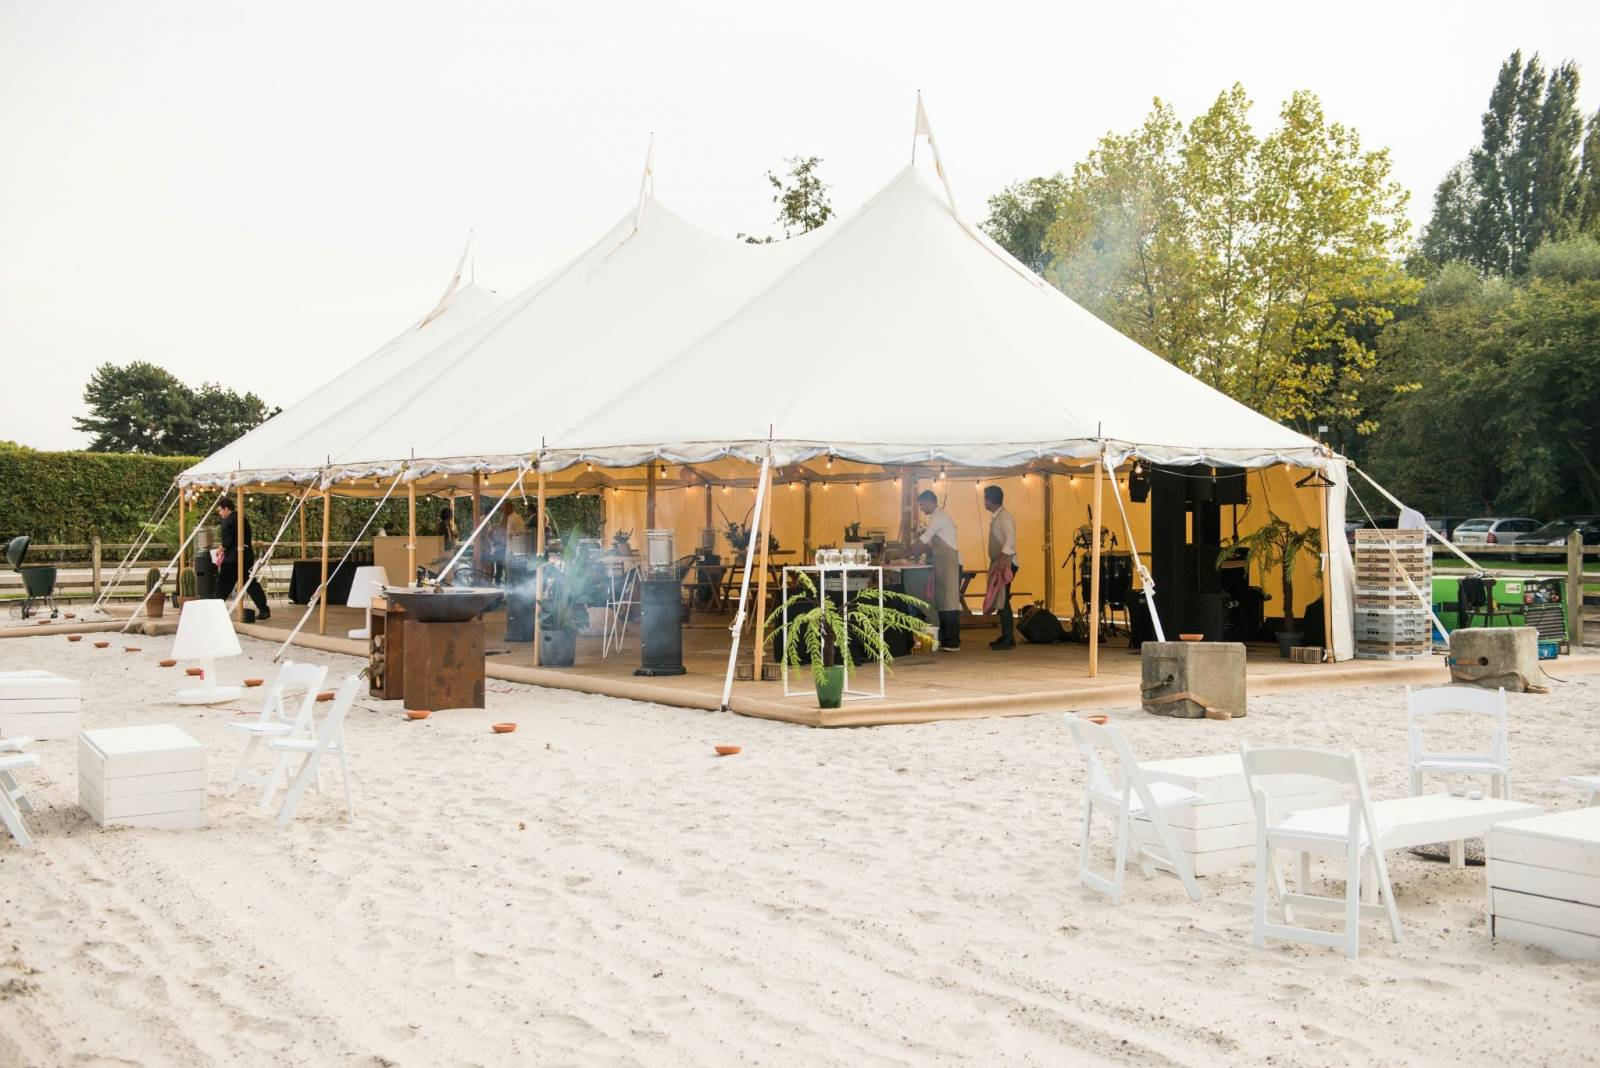 Hoeve de Blauwpoorte - Feestzaal - Feestlocatie - Hoeve - Kortrijk (West-Vlaanderen) - House of Events - 10